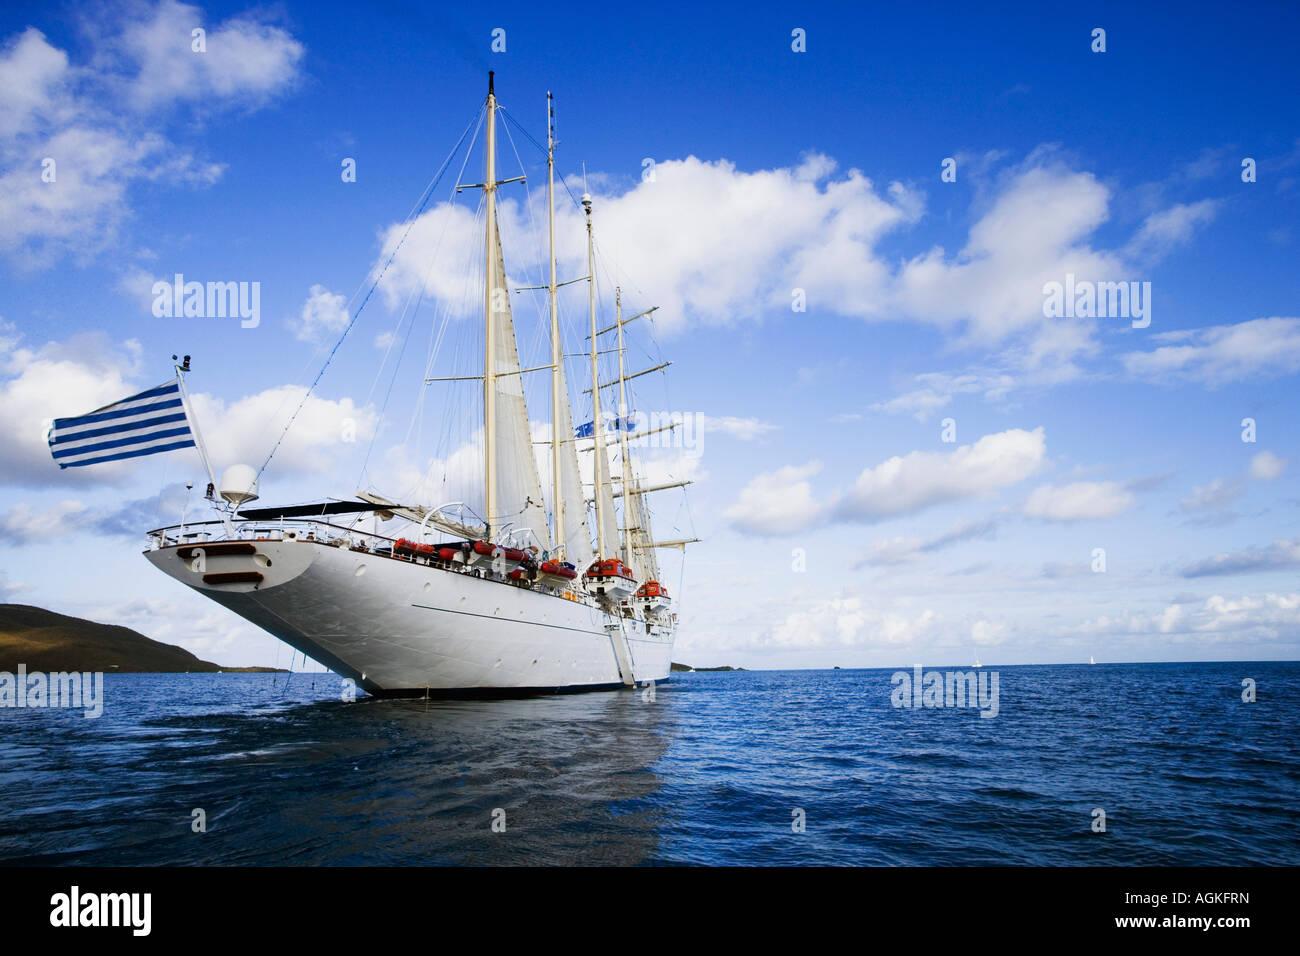 Segelschiff im Meer Stockbild